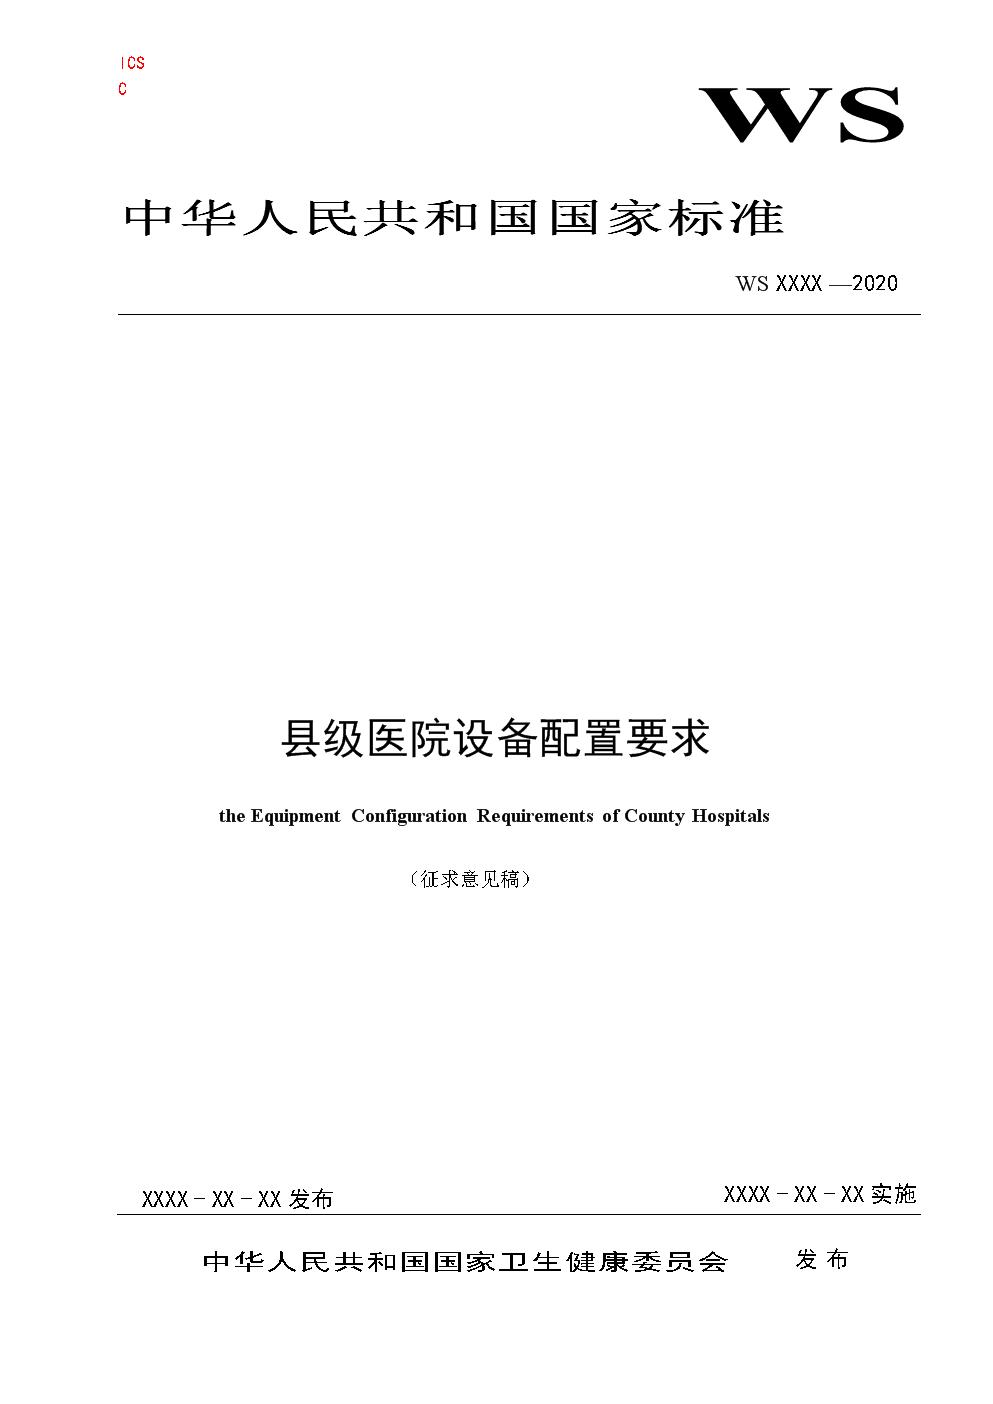 WS2020县级医院设备配置要求.doc